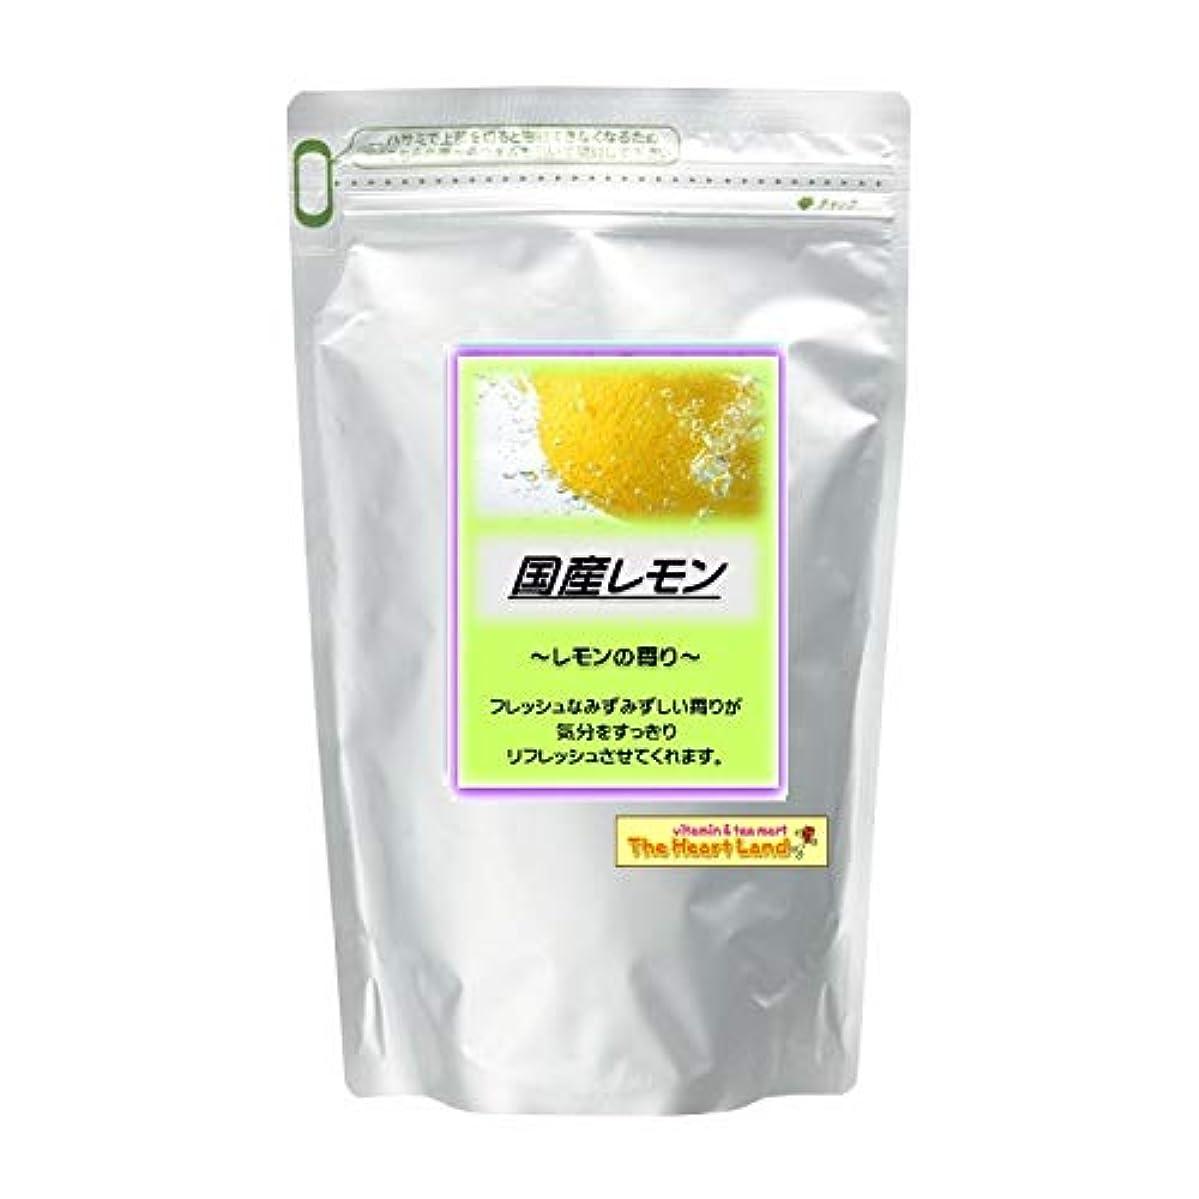 帰るスロット効能あるアサヒ入浴剤 浴用入浴化粧品 国産レモン 300g